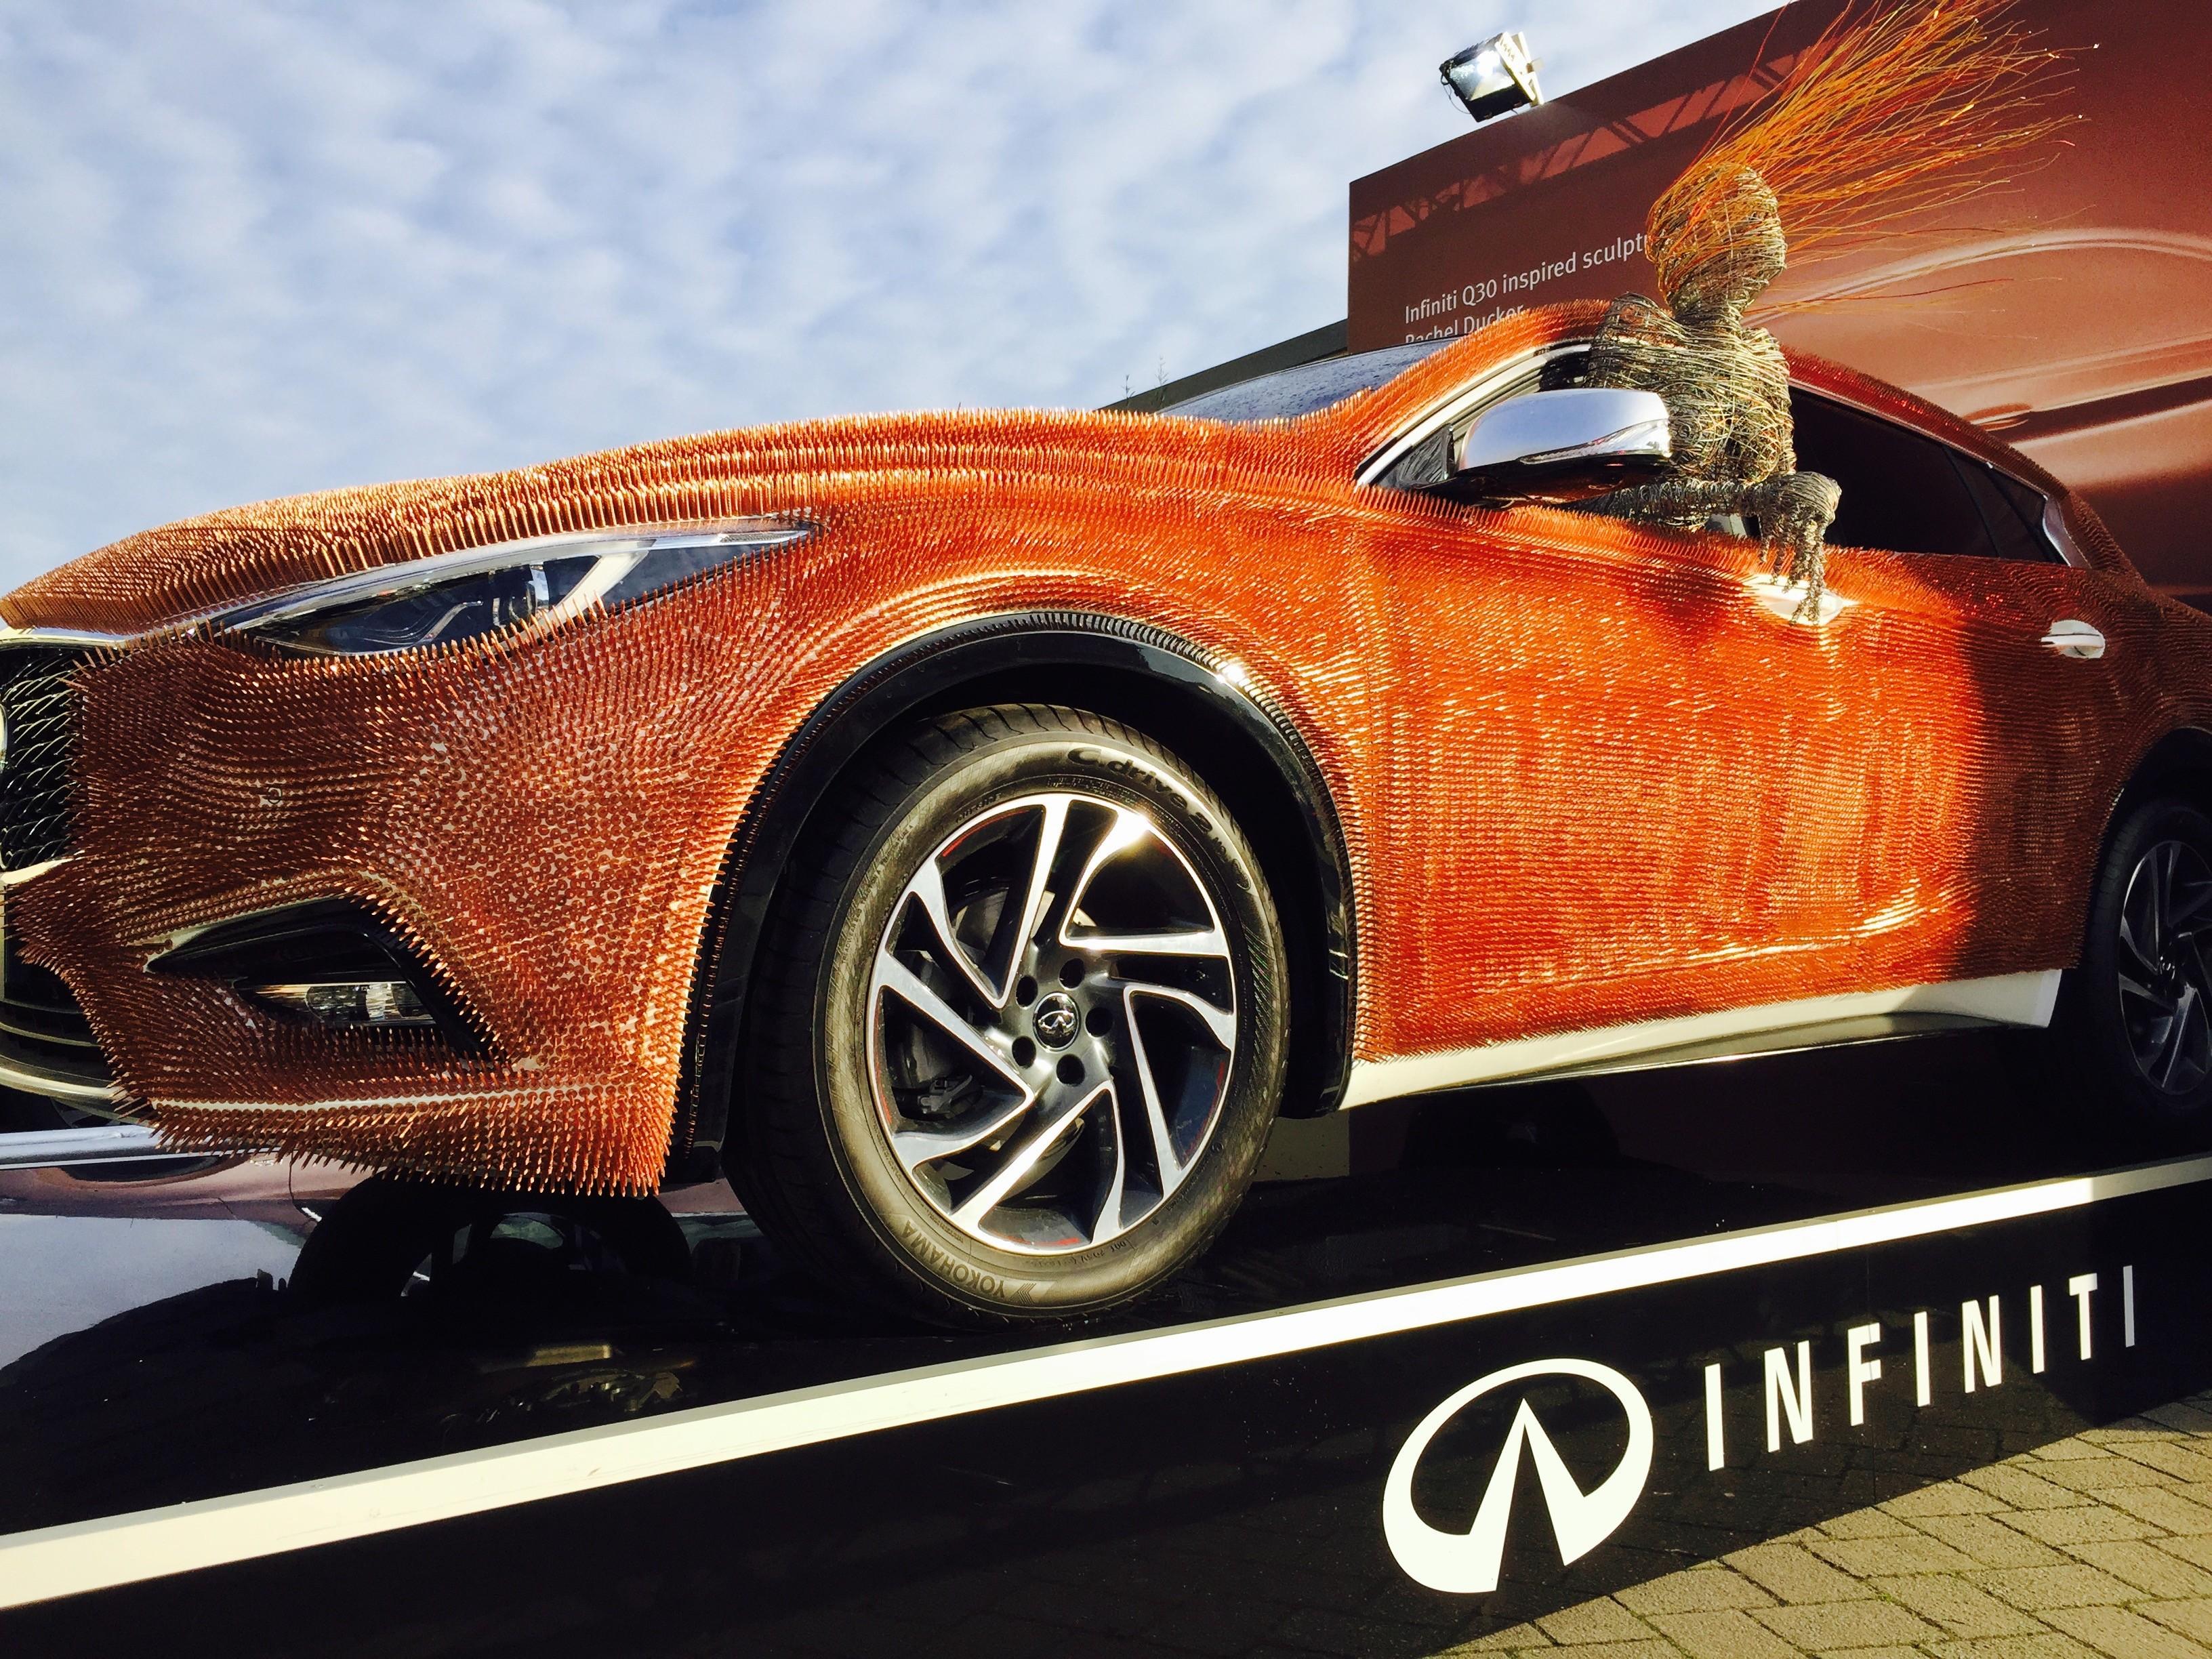 Infiniti Makes an Impression at the London Art Fair with Q30 Car Art